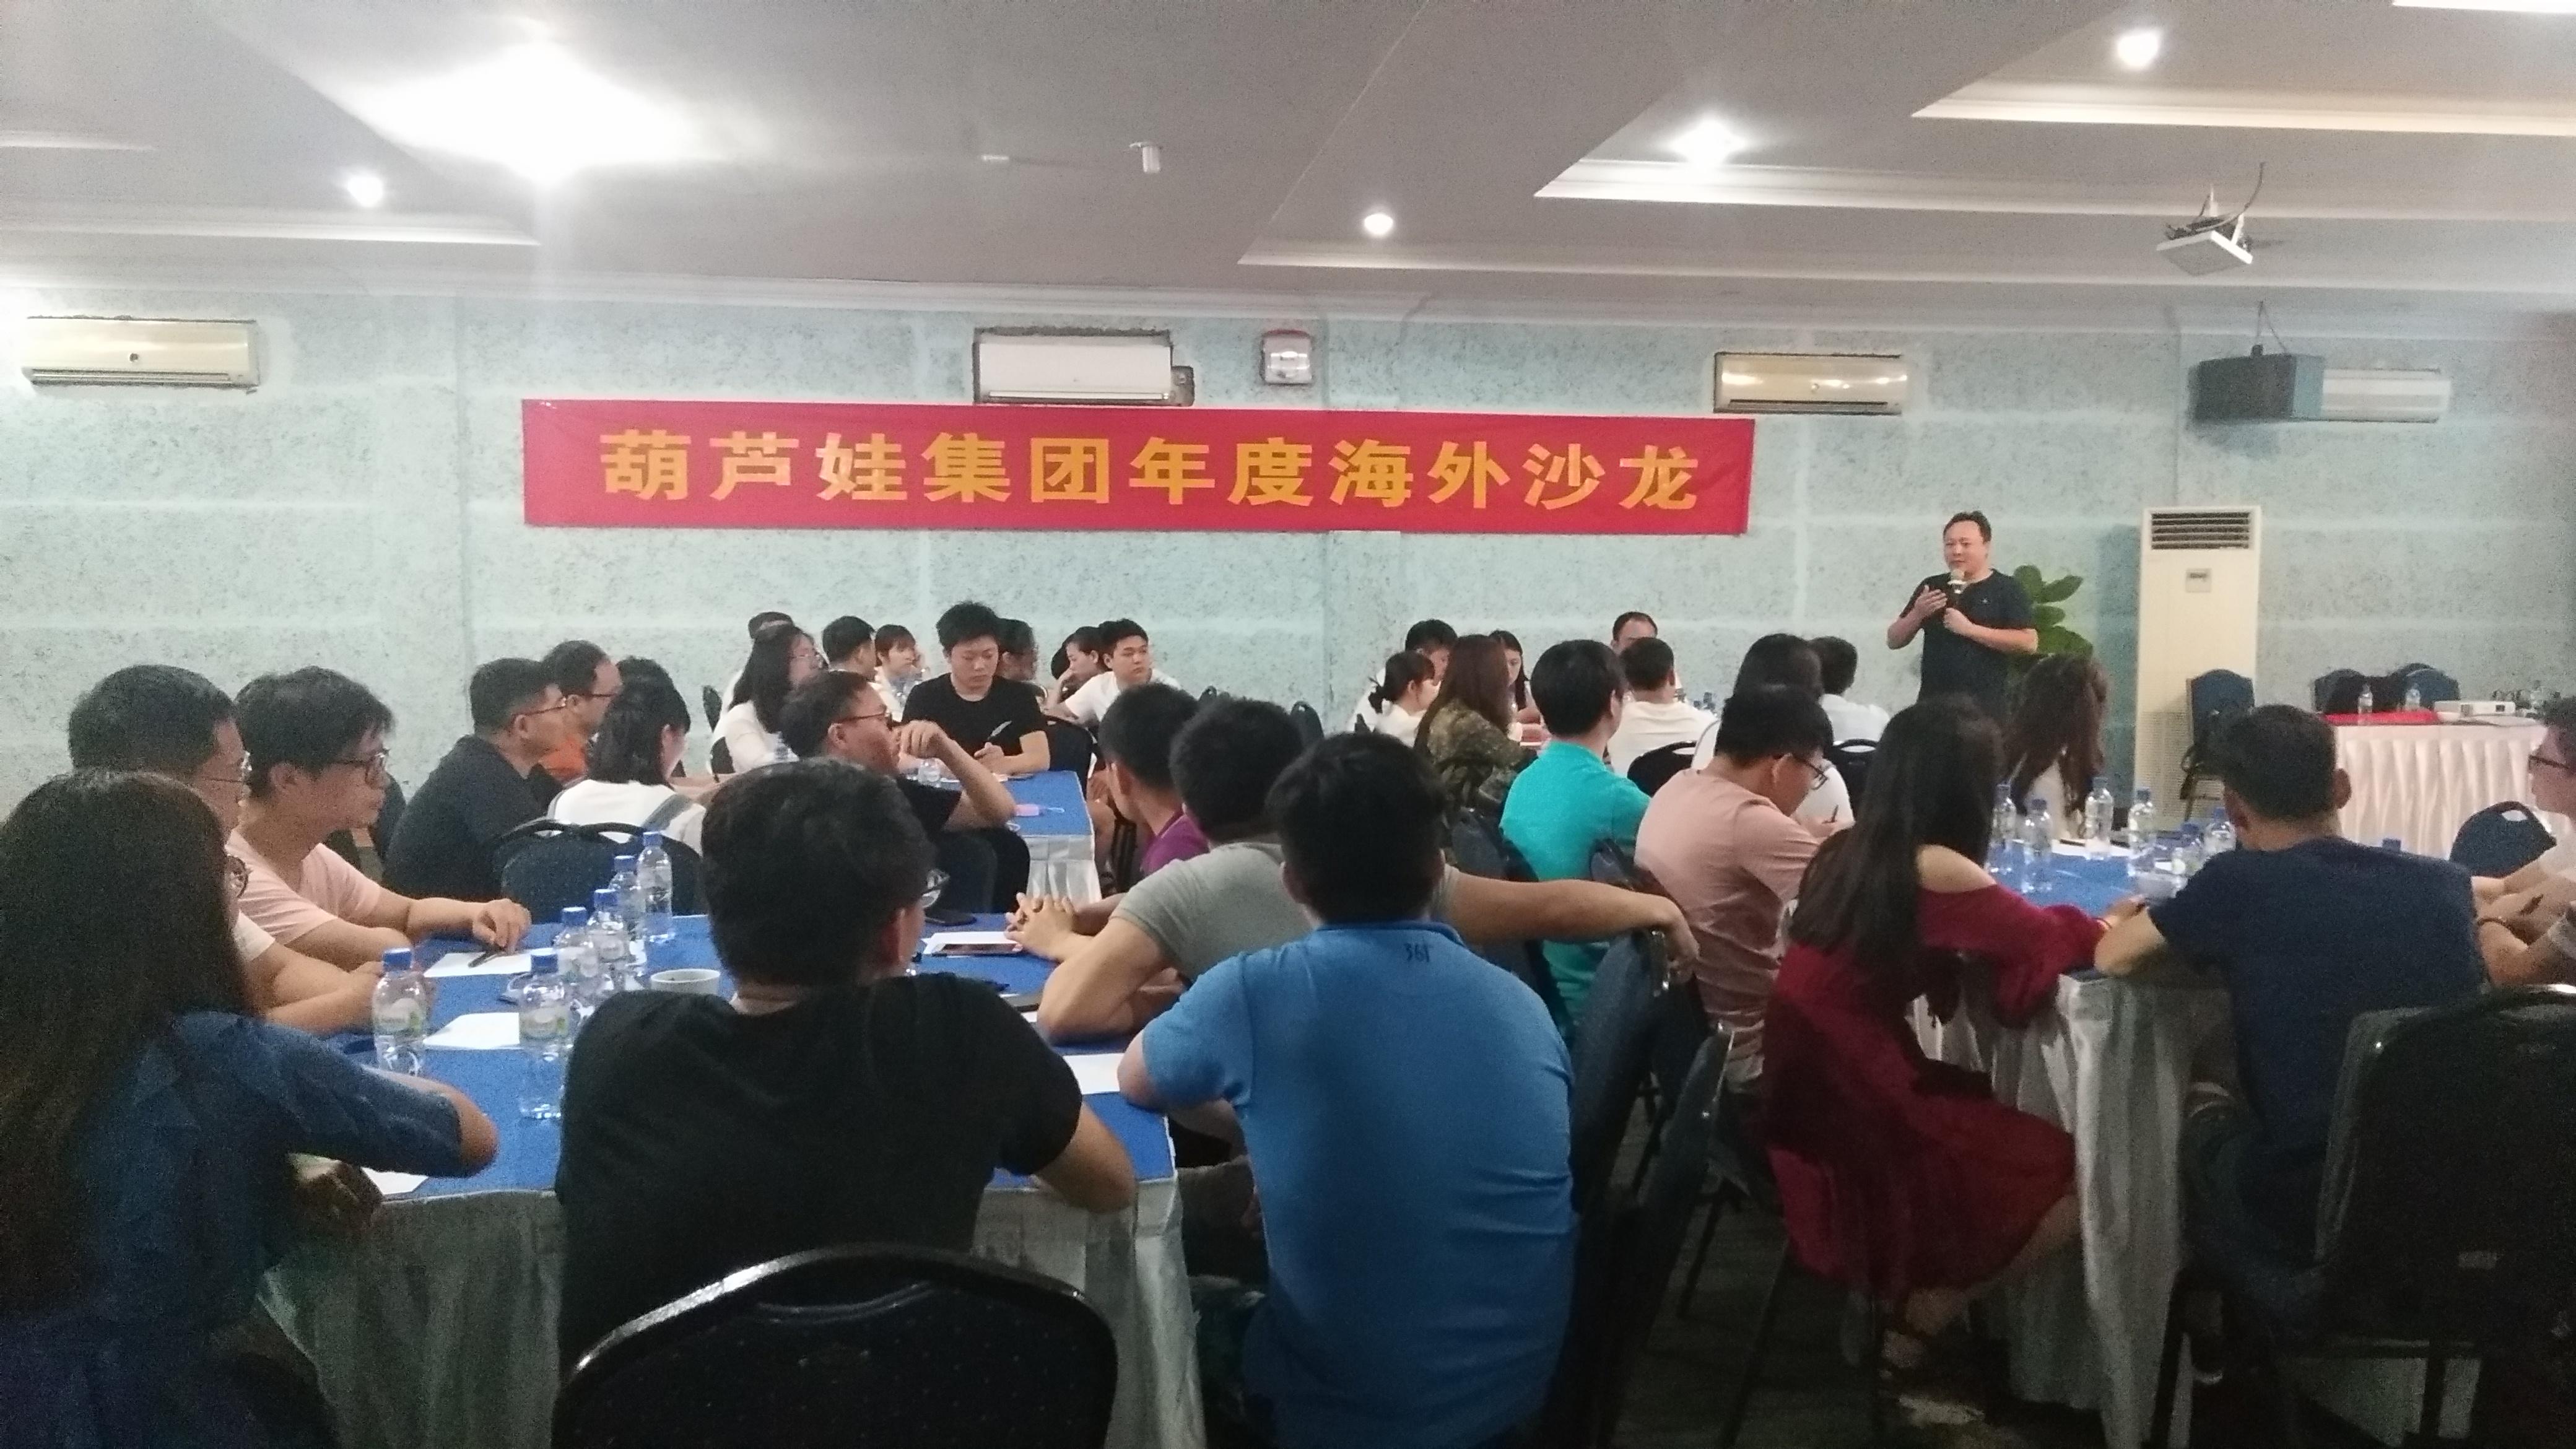 團隊風采|AG8手机集團2018七彩海外之旅(沙龍篇)